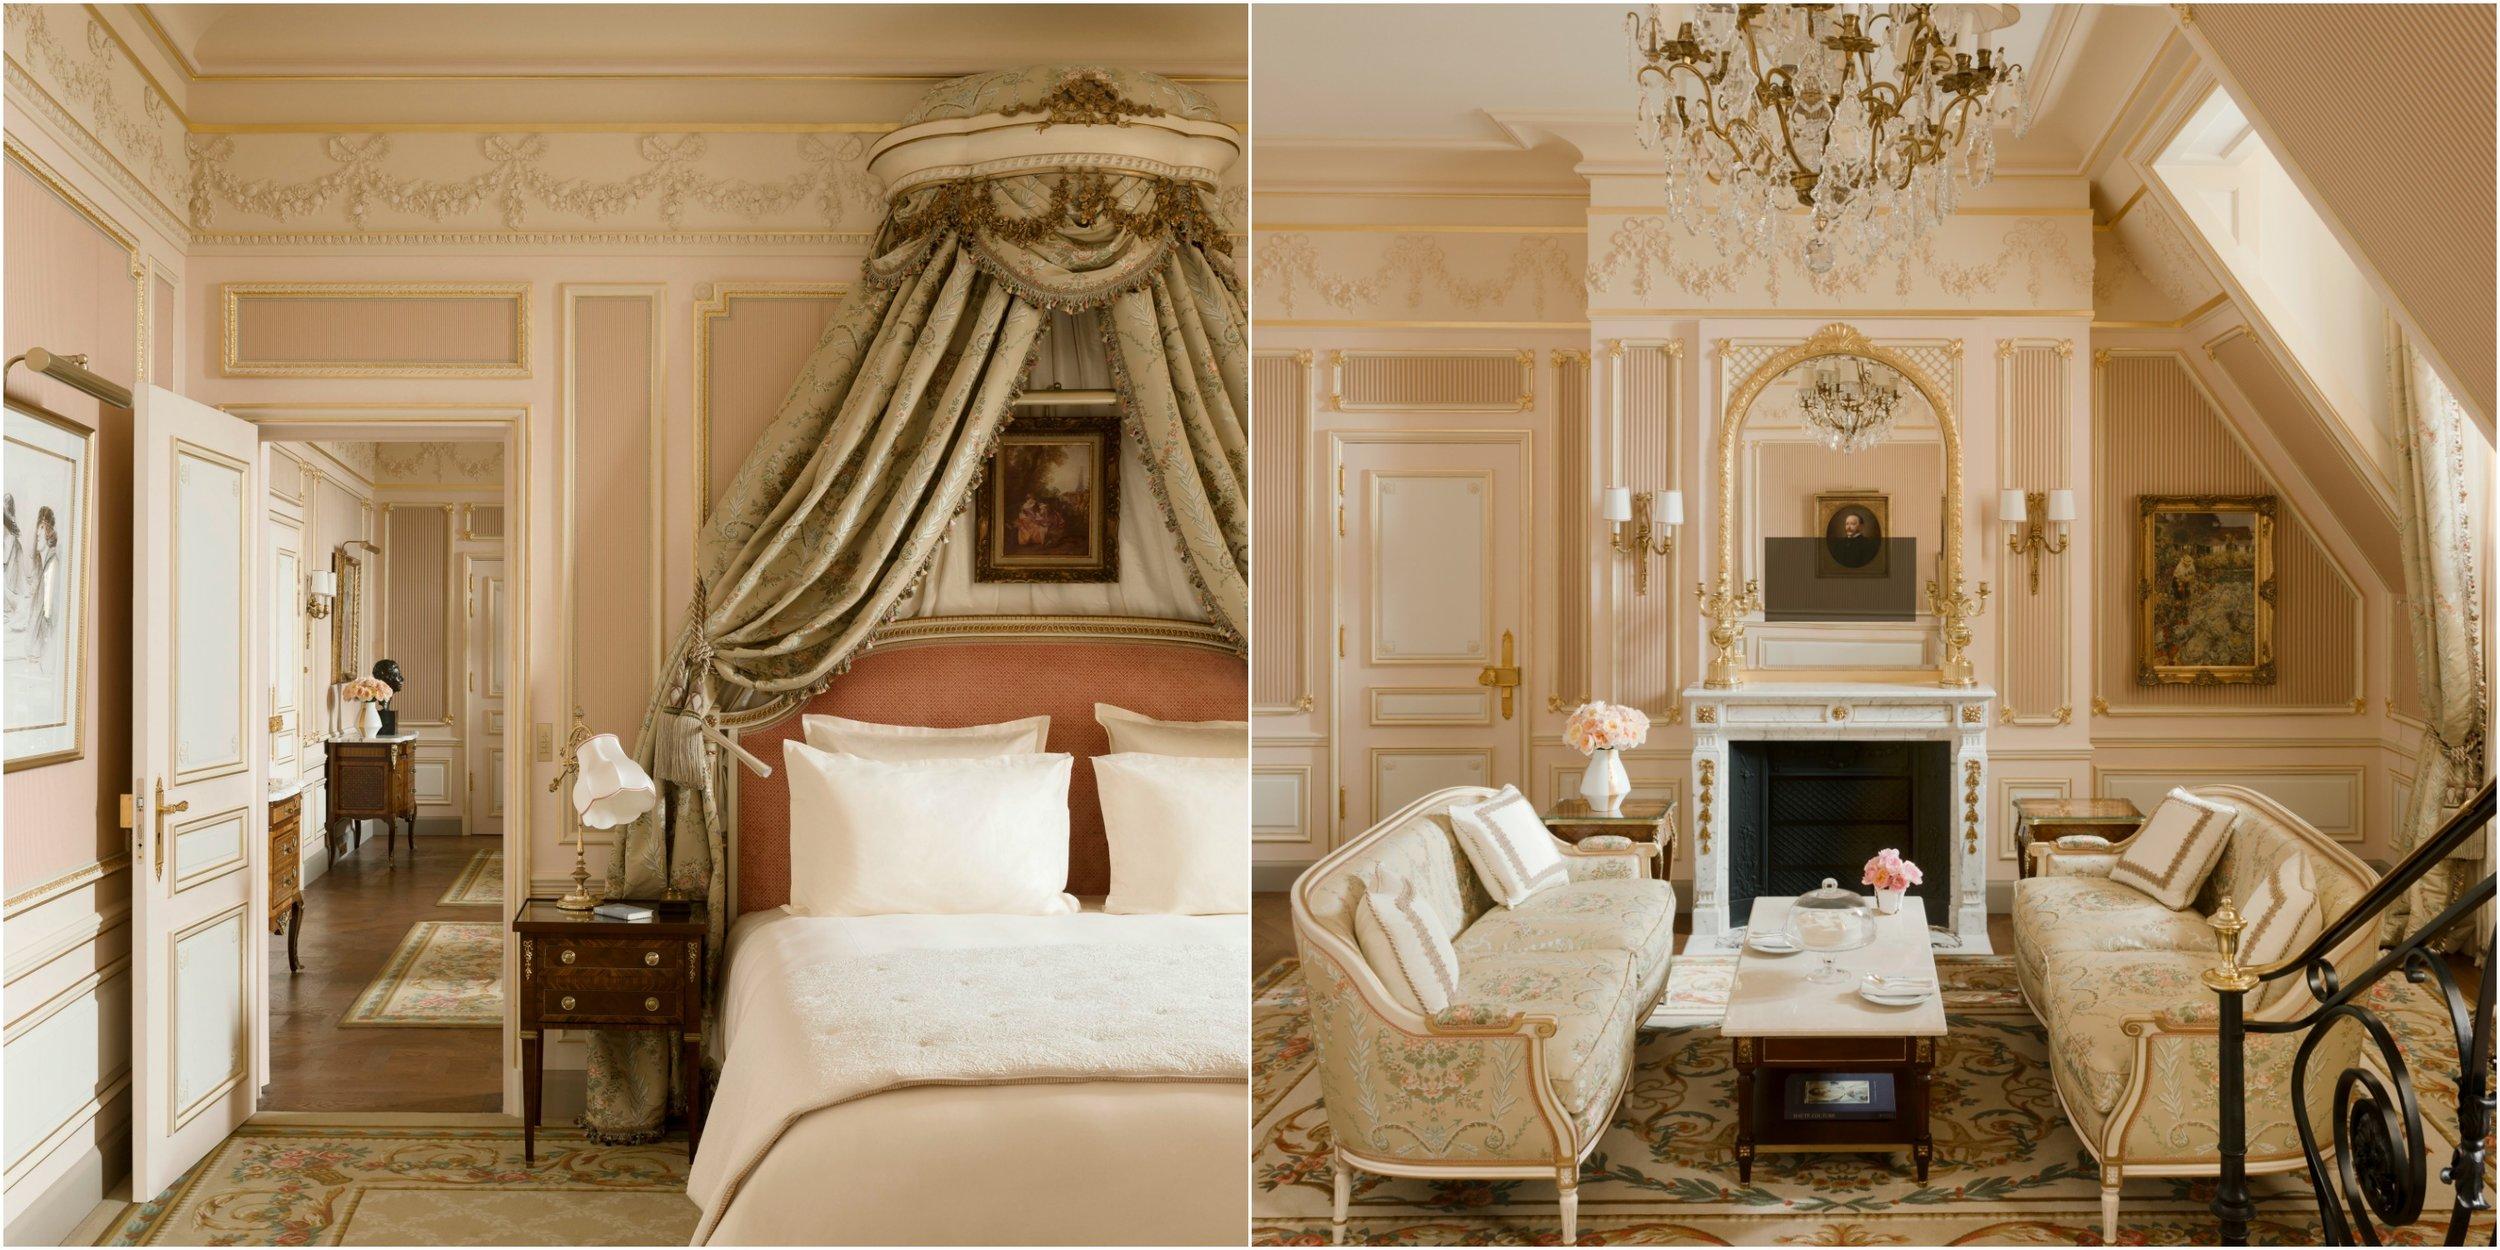 The restored Cesar Ritz Suite at the Ritz Paris. Photo Credit Suite César Ritz © Vincent Leroux